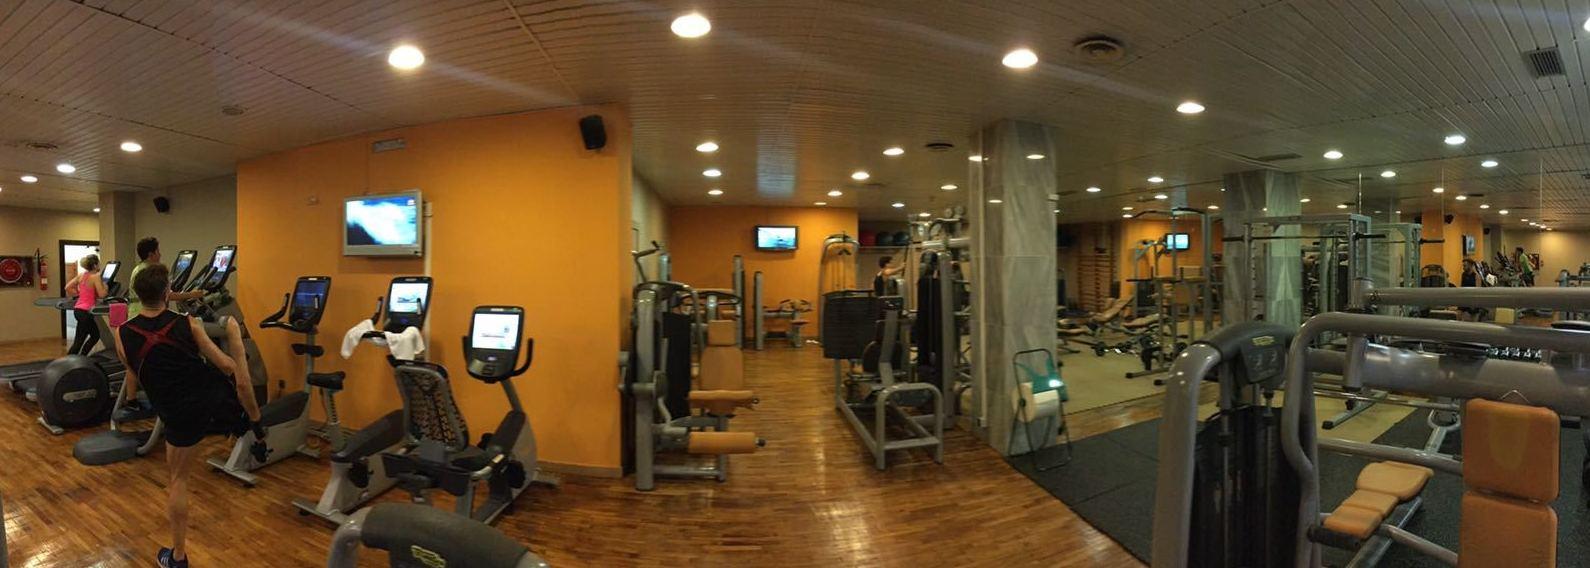 Sala de fitness y musculación : Servicios  de Yhi Wellness at Meliá Sitges